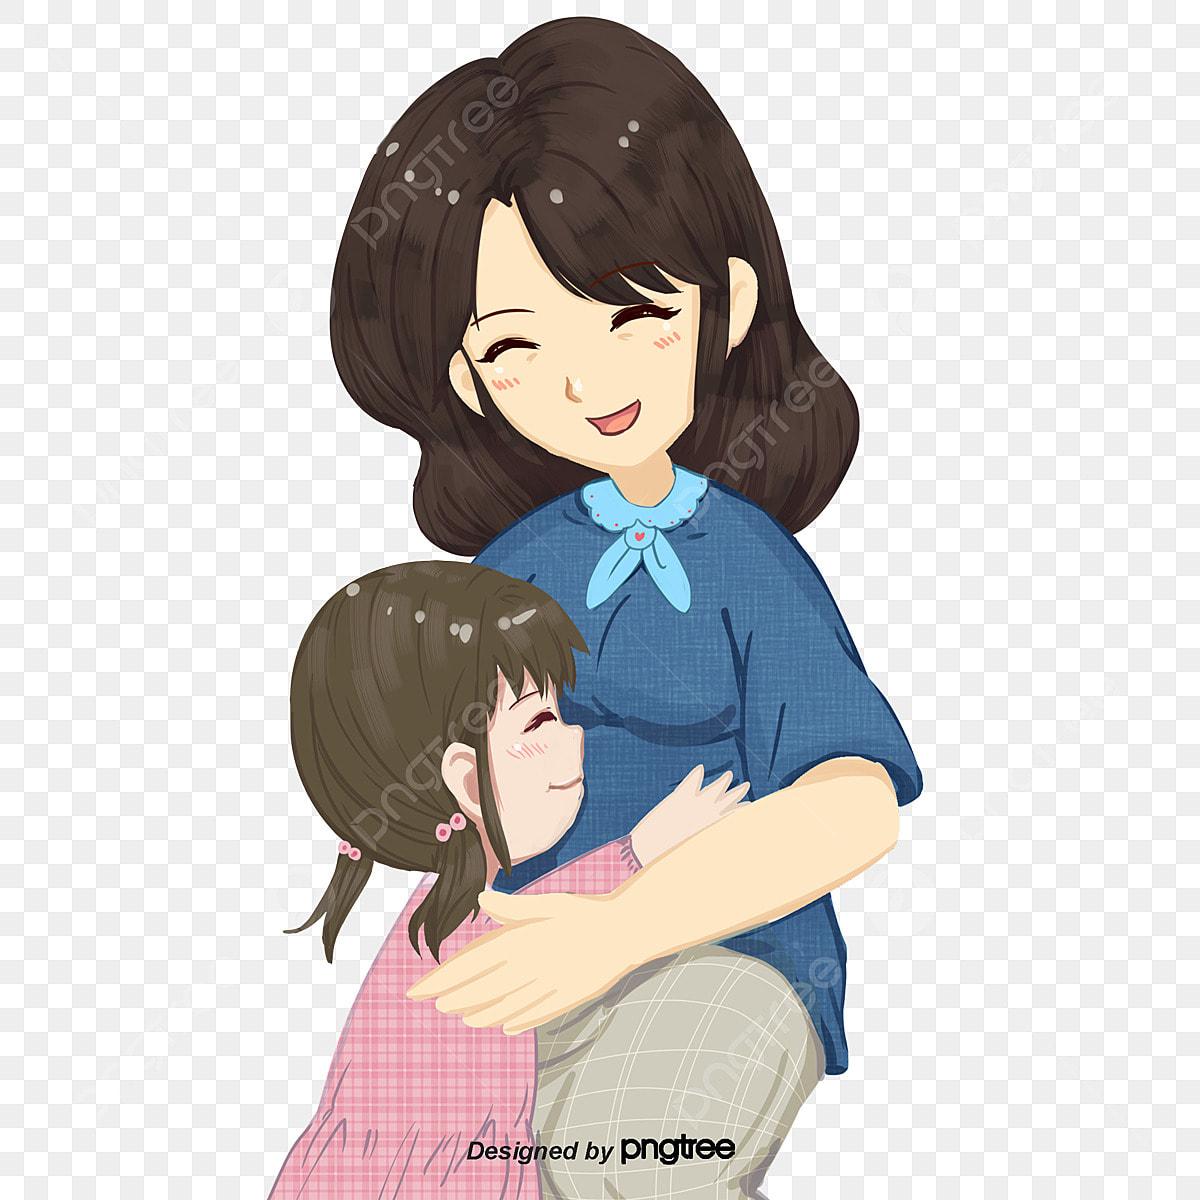 Gambar Kartun Memegang Anak Perempuan Ibu Watak Watak Unsur Unsur Kartun Png Dan Psd Untuk Muat Turun Percuma